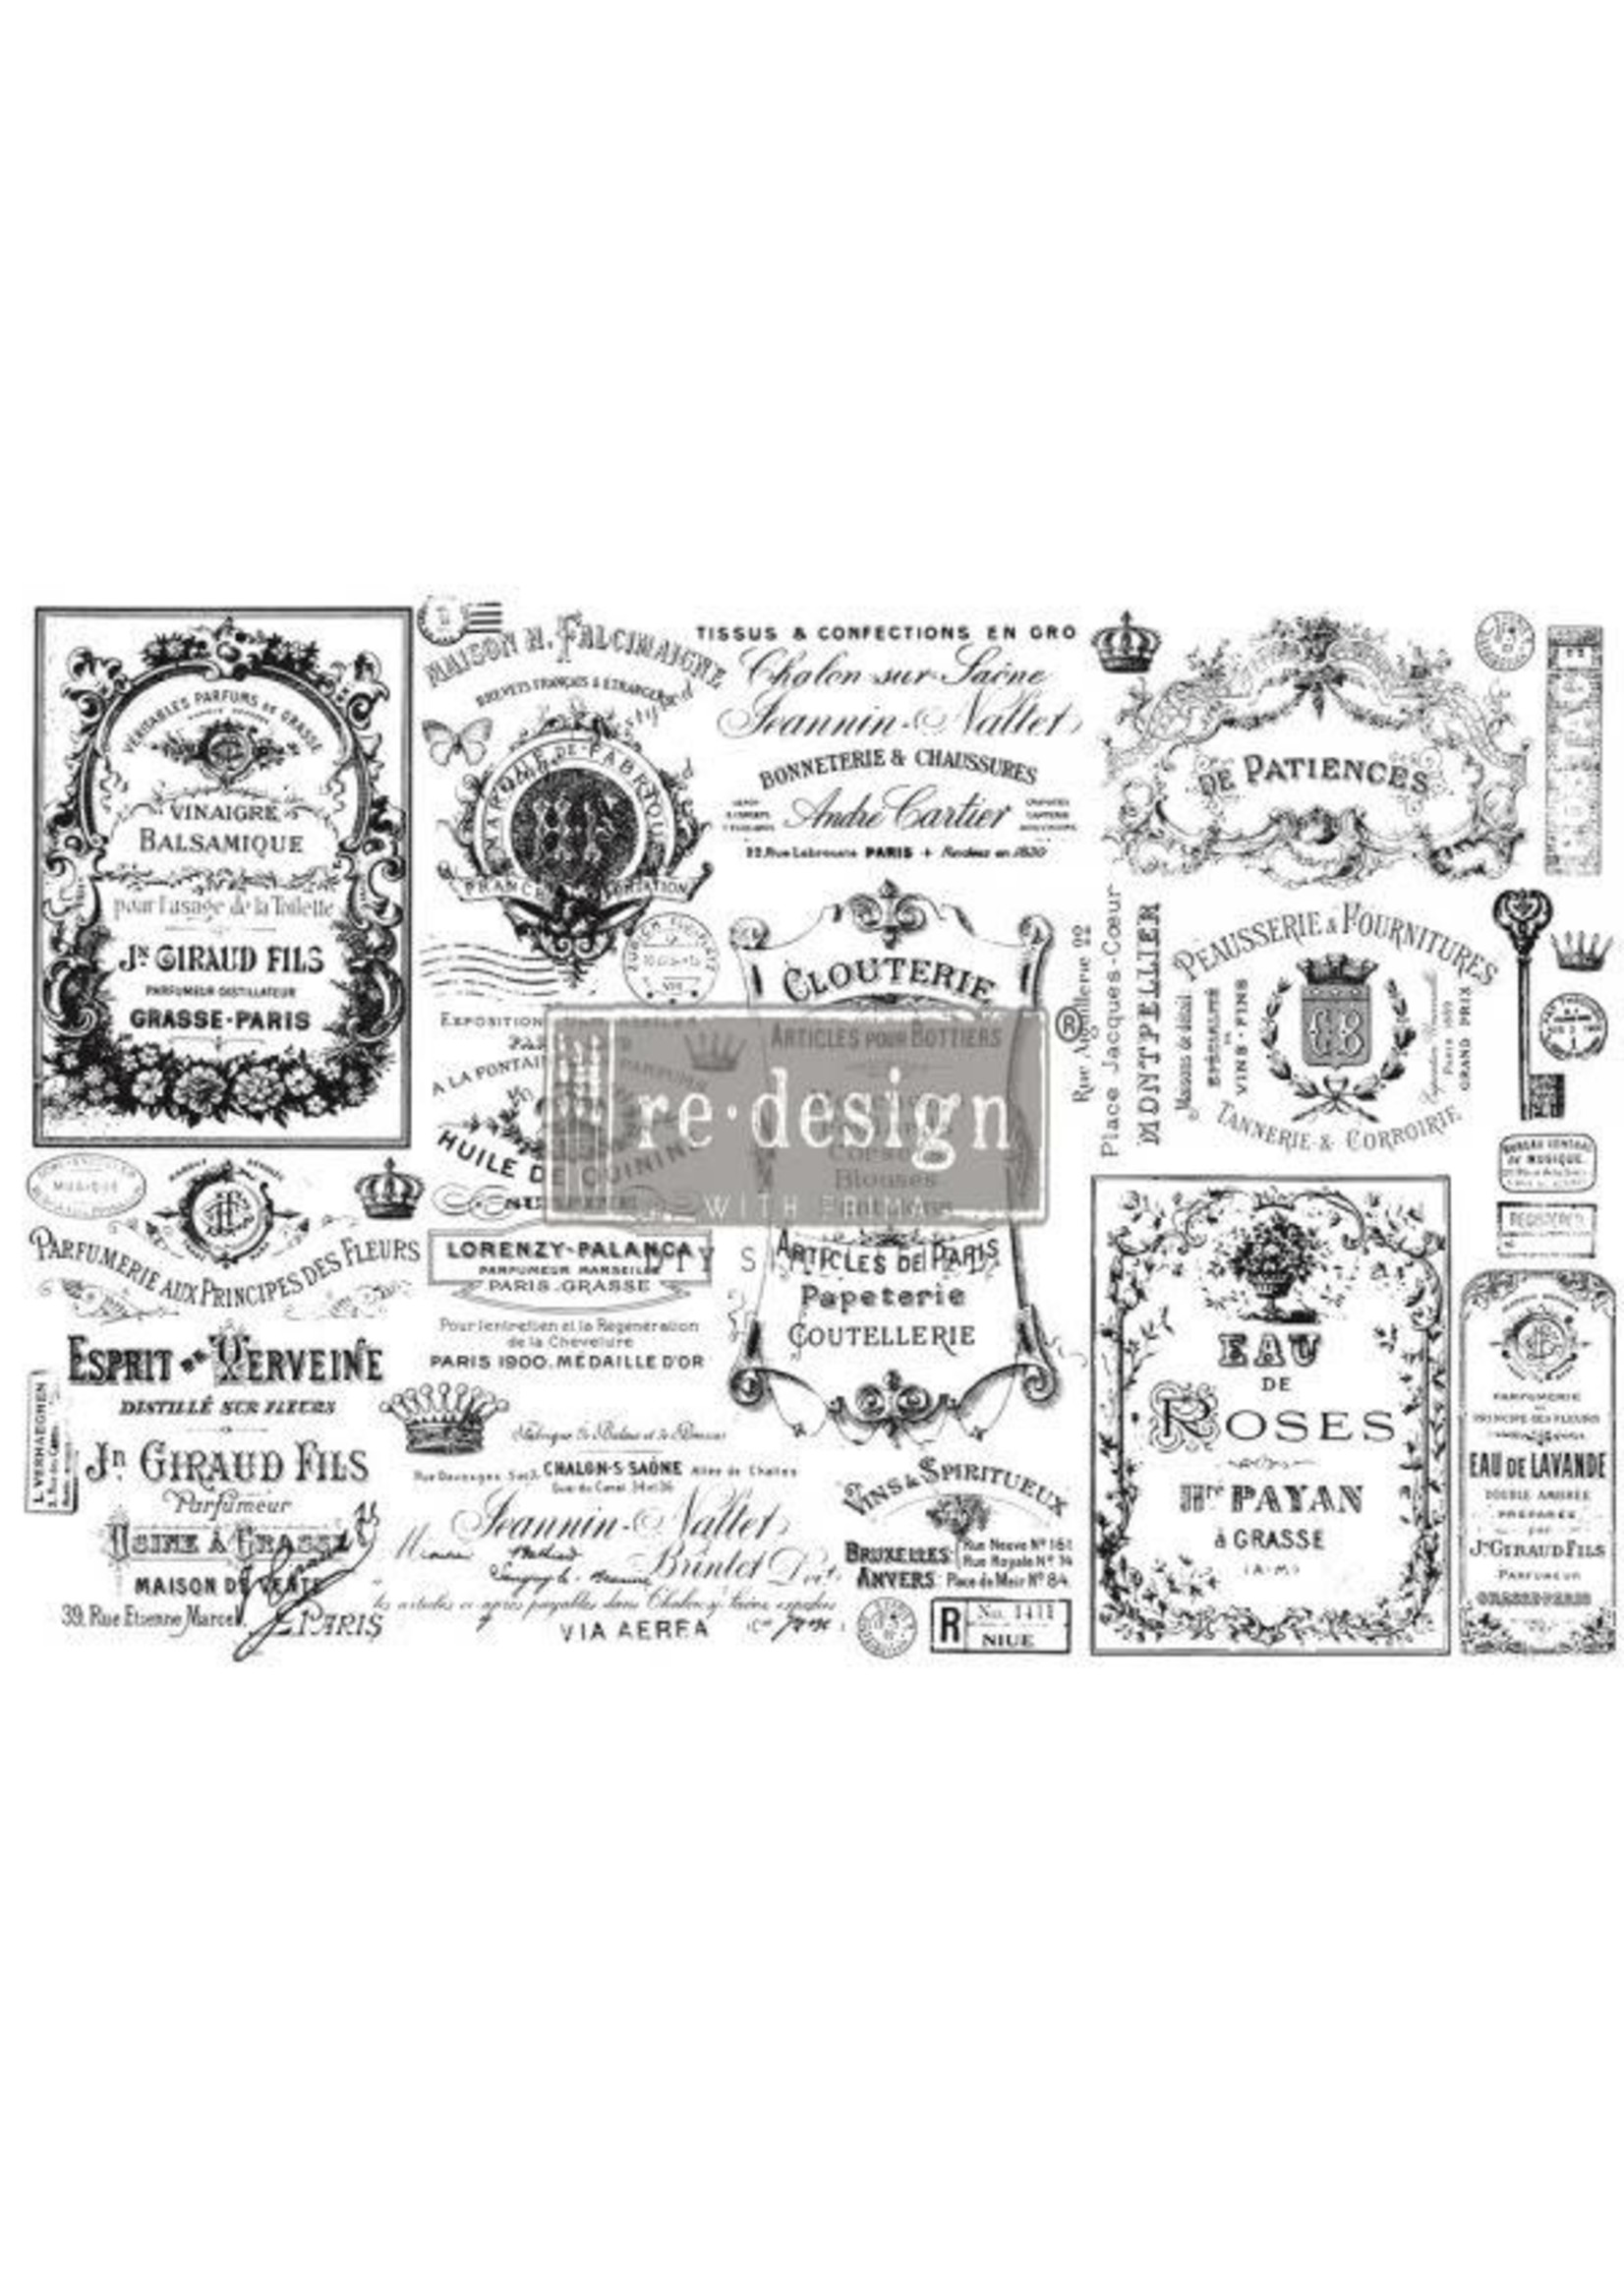 Re-Design with Prima® Chloe Re·Design with Prima® Decoupage Tissue Paper